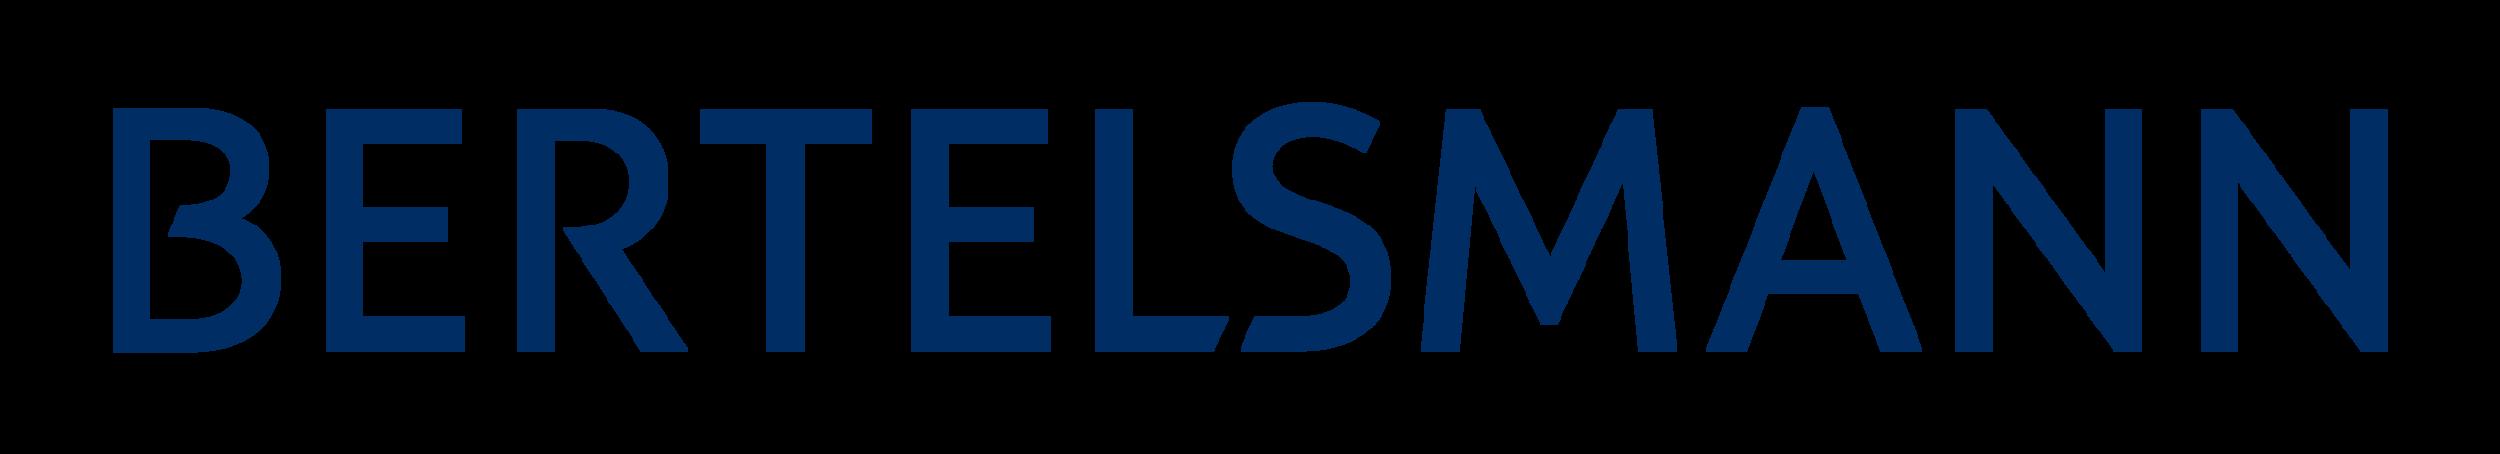 Bertelsmann_Logo_2016.png